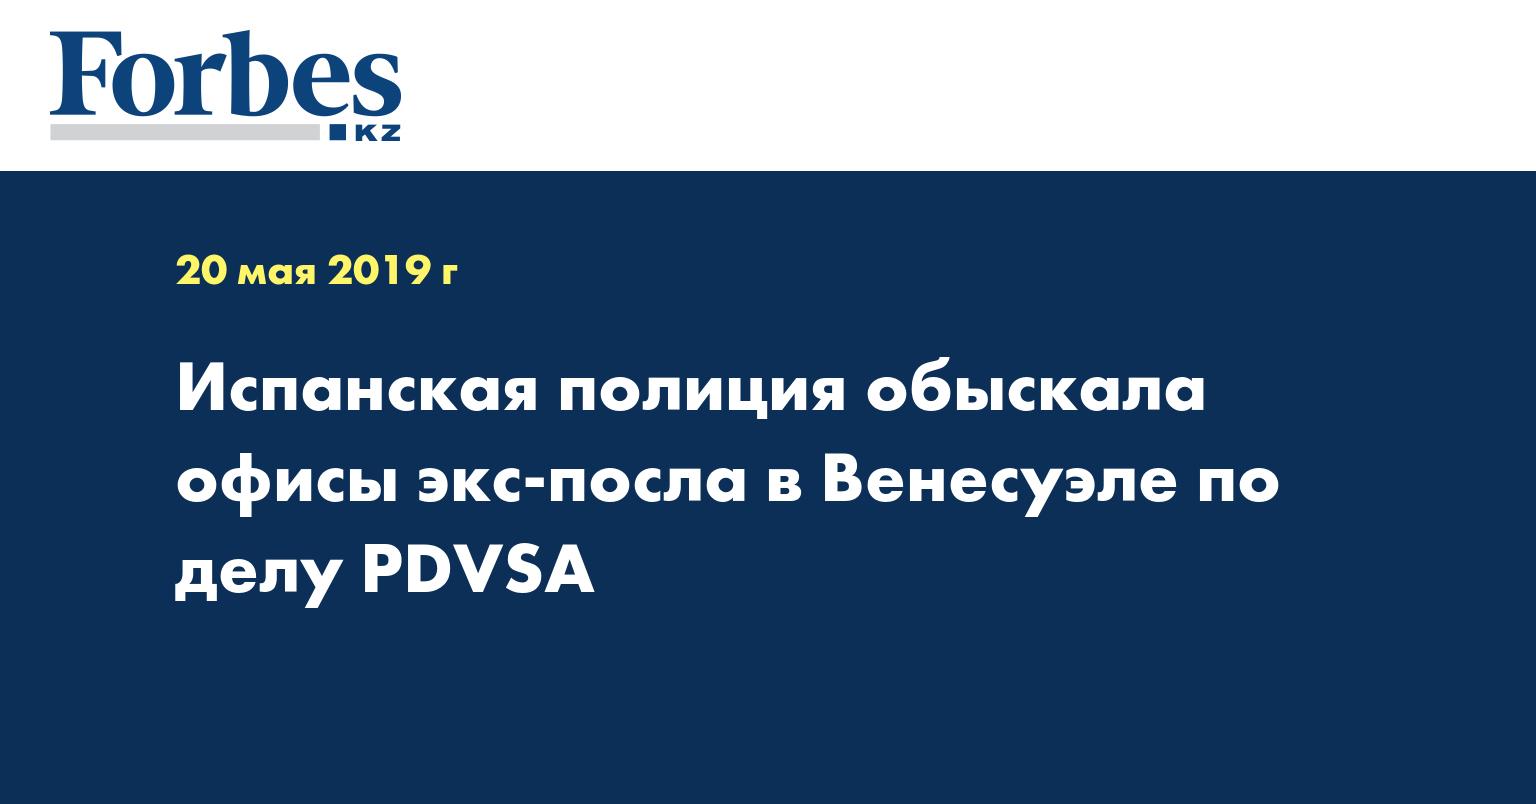 Испанская полиция обыскала офисы экс-посла в Венесуэле по делу PDVSA